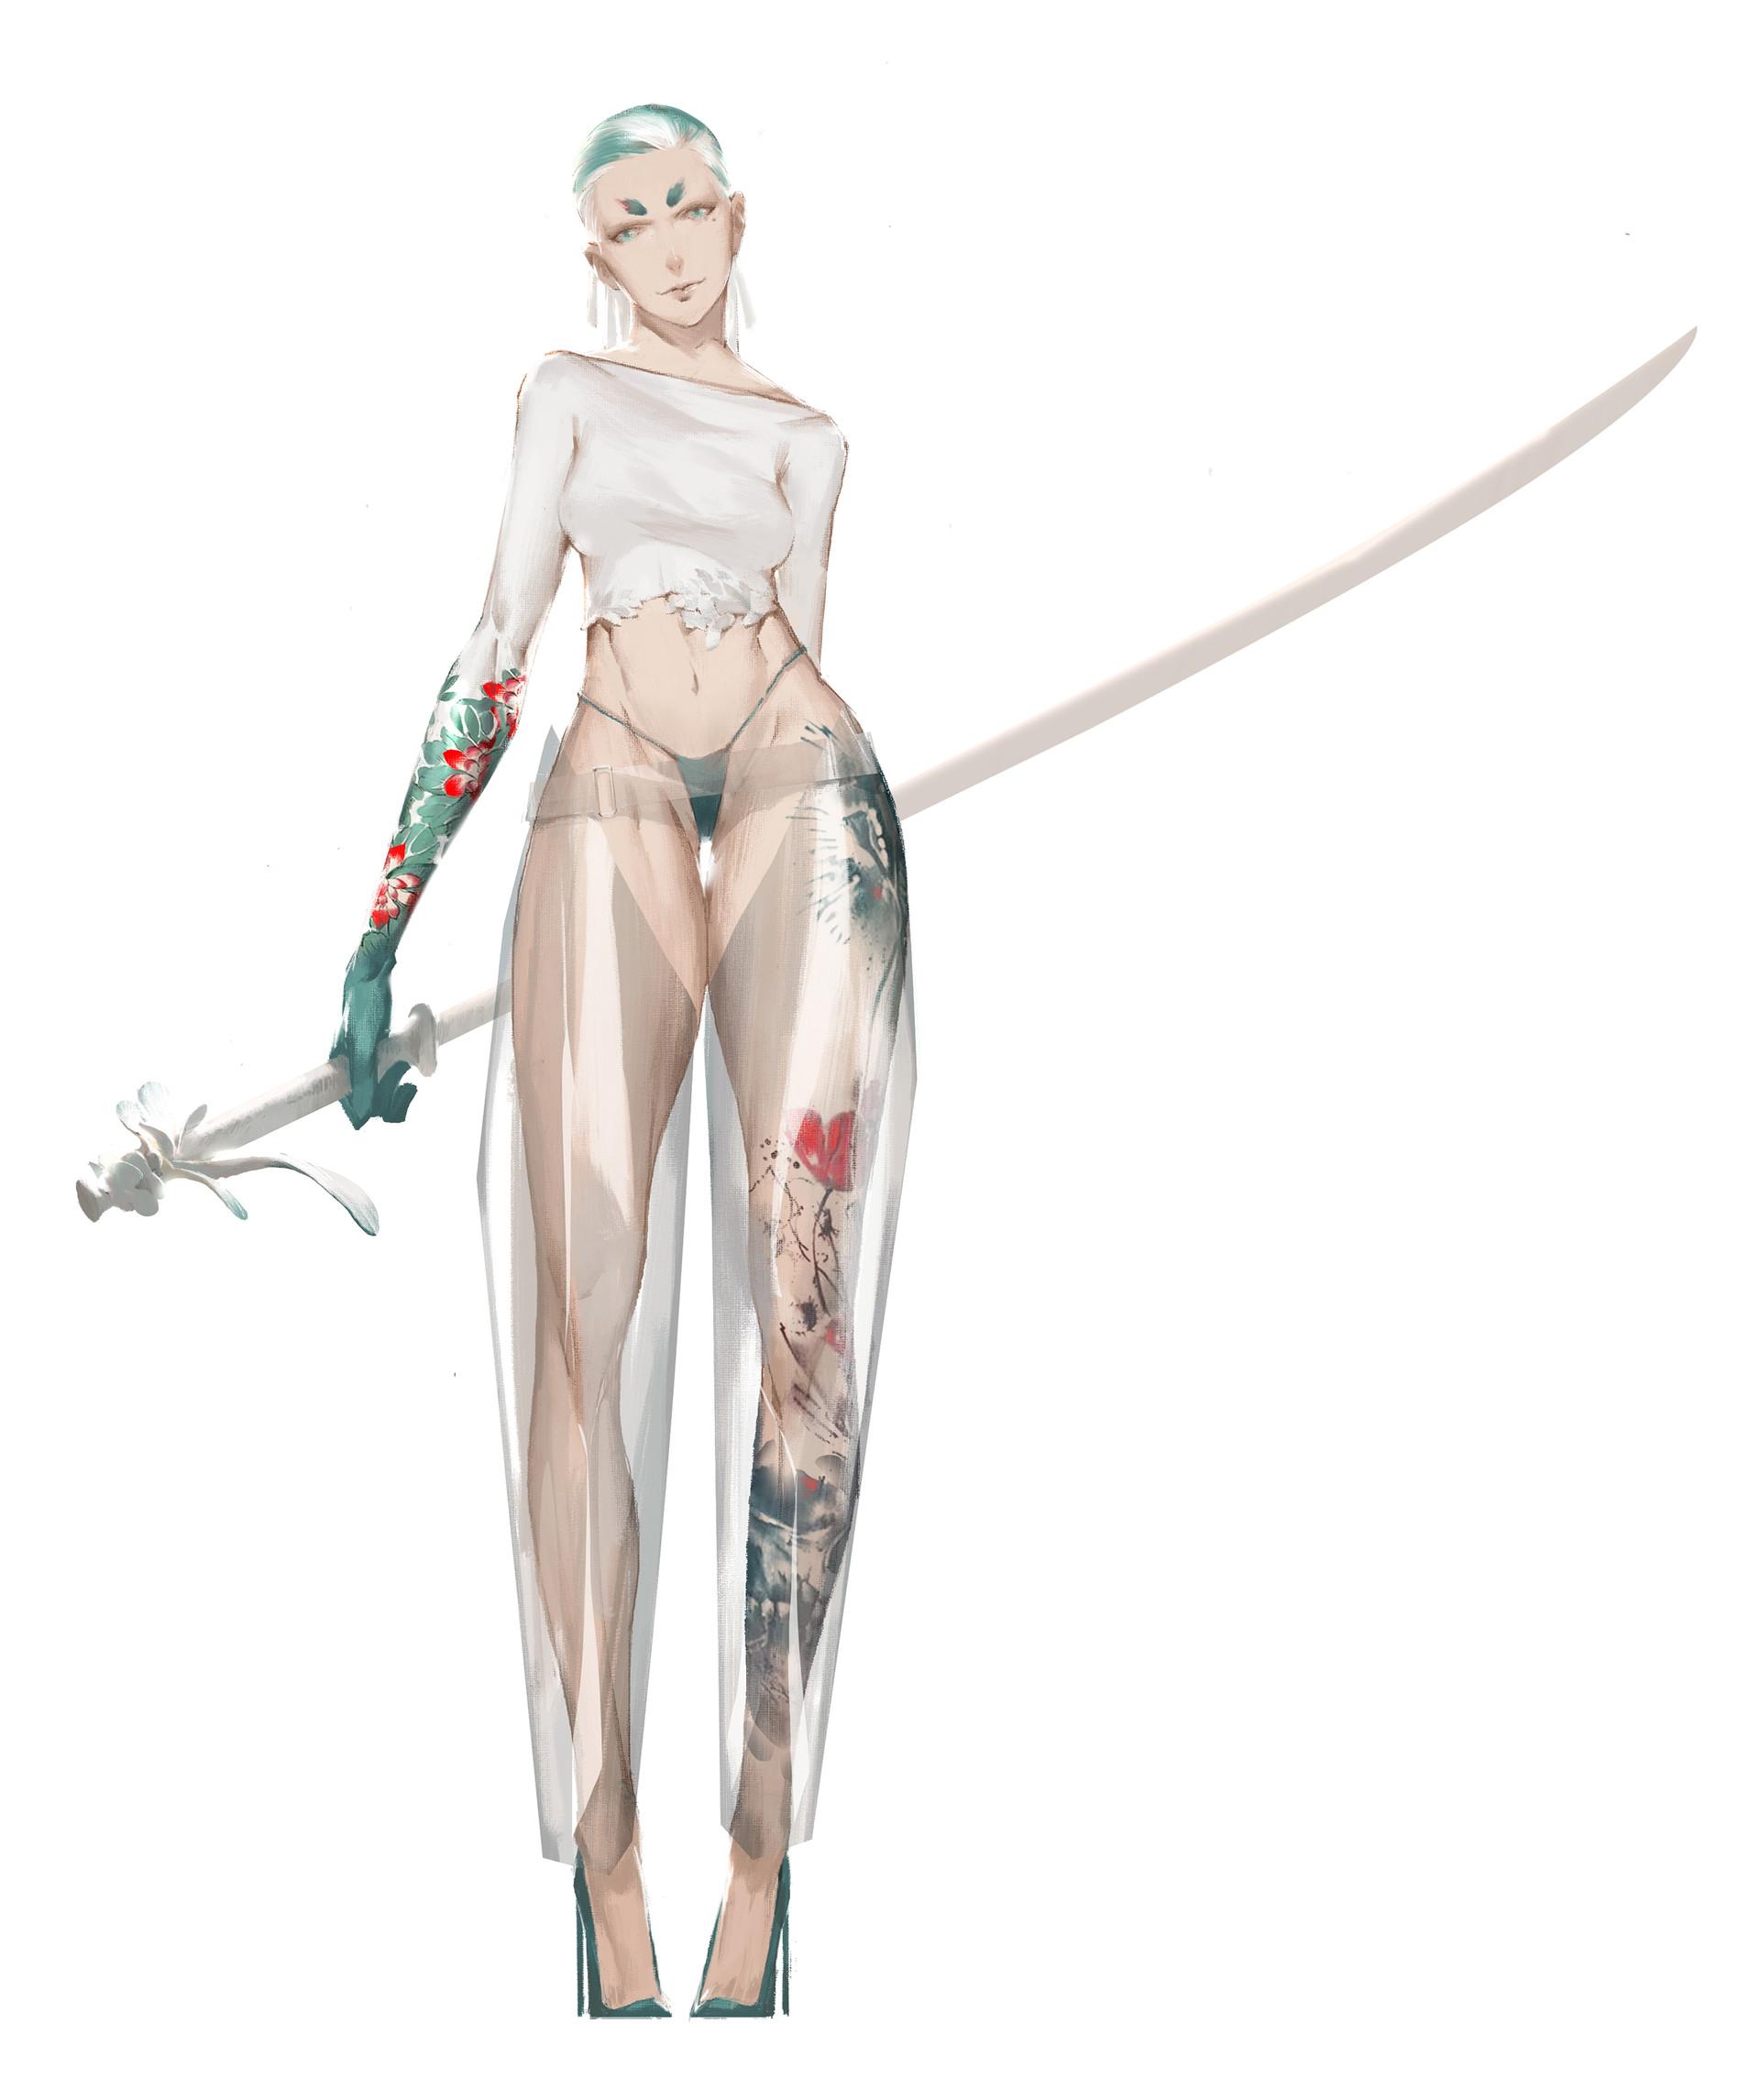 【秀上线】资深游戏角色概念设计师Amama L作品欣赏5